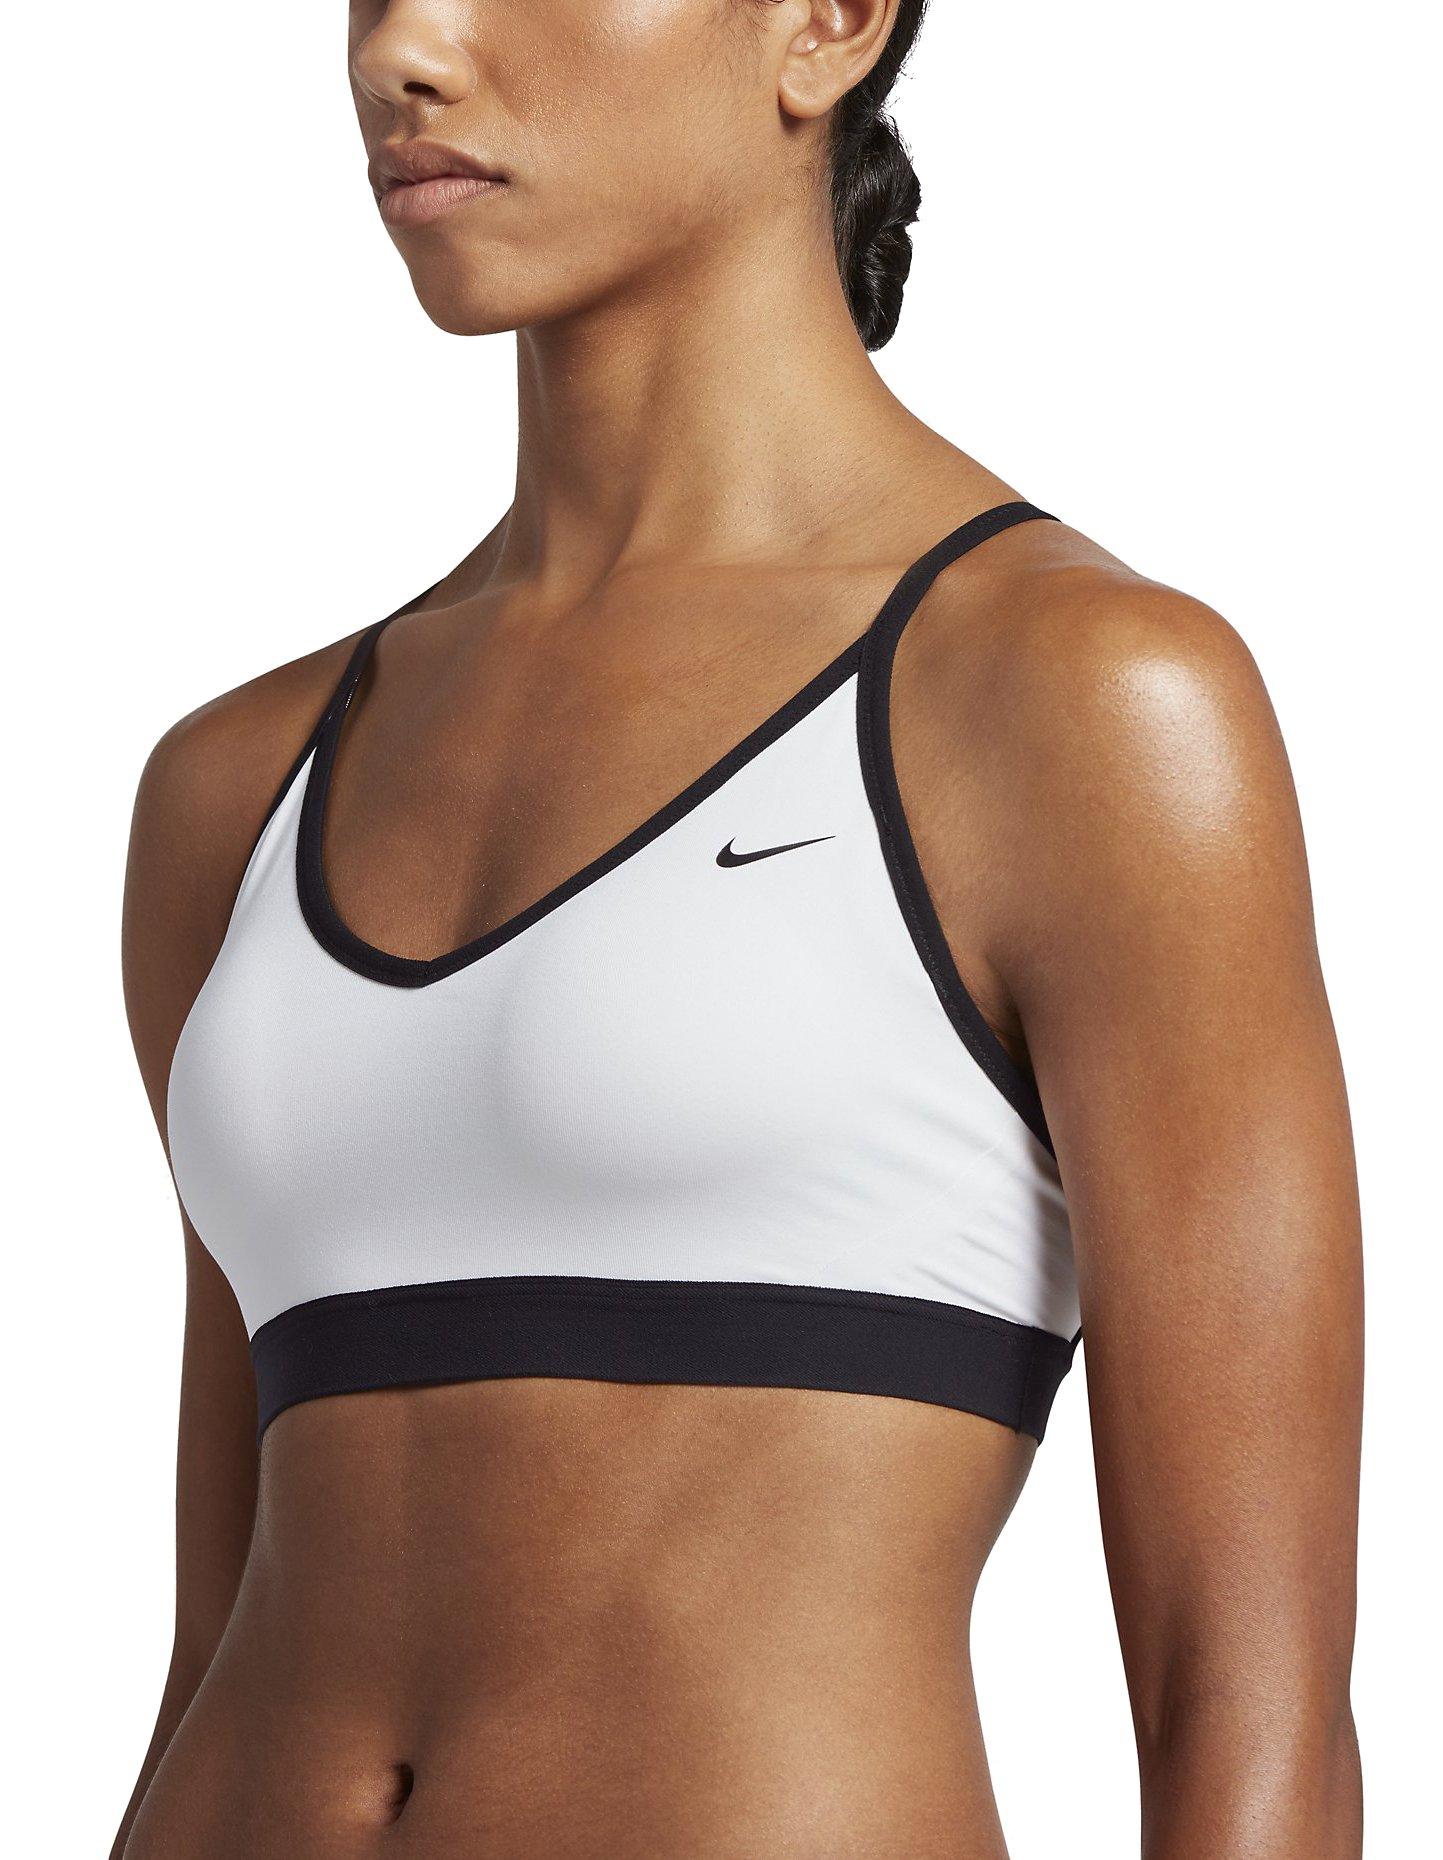 Sportovní podprsenka Nike Pro Indy Cross Back